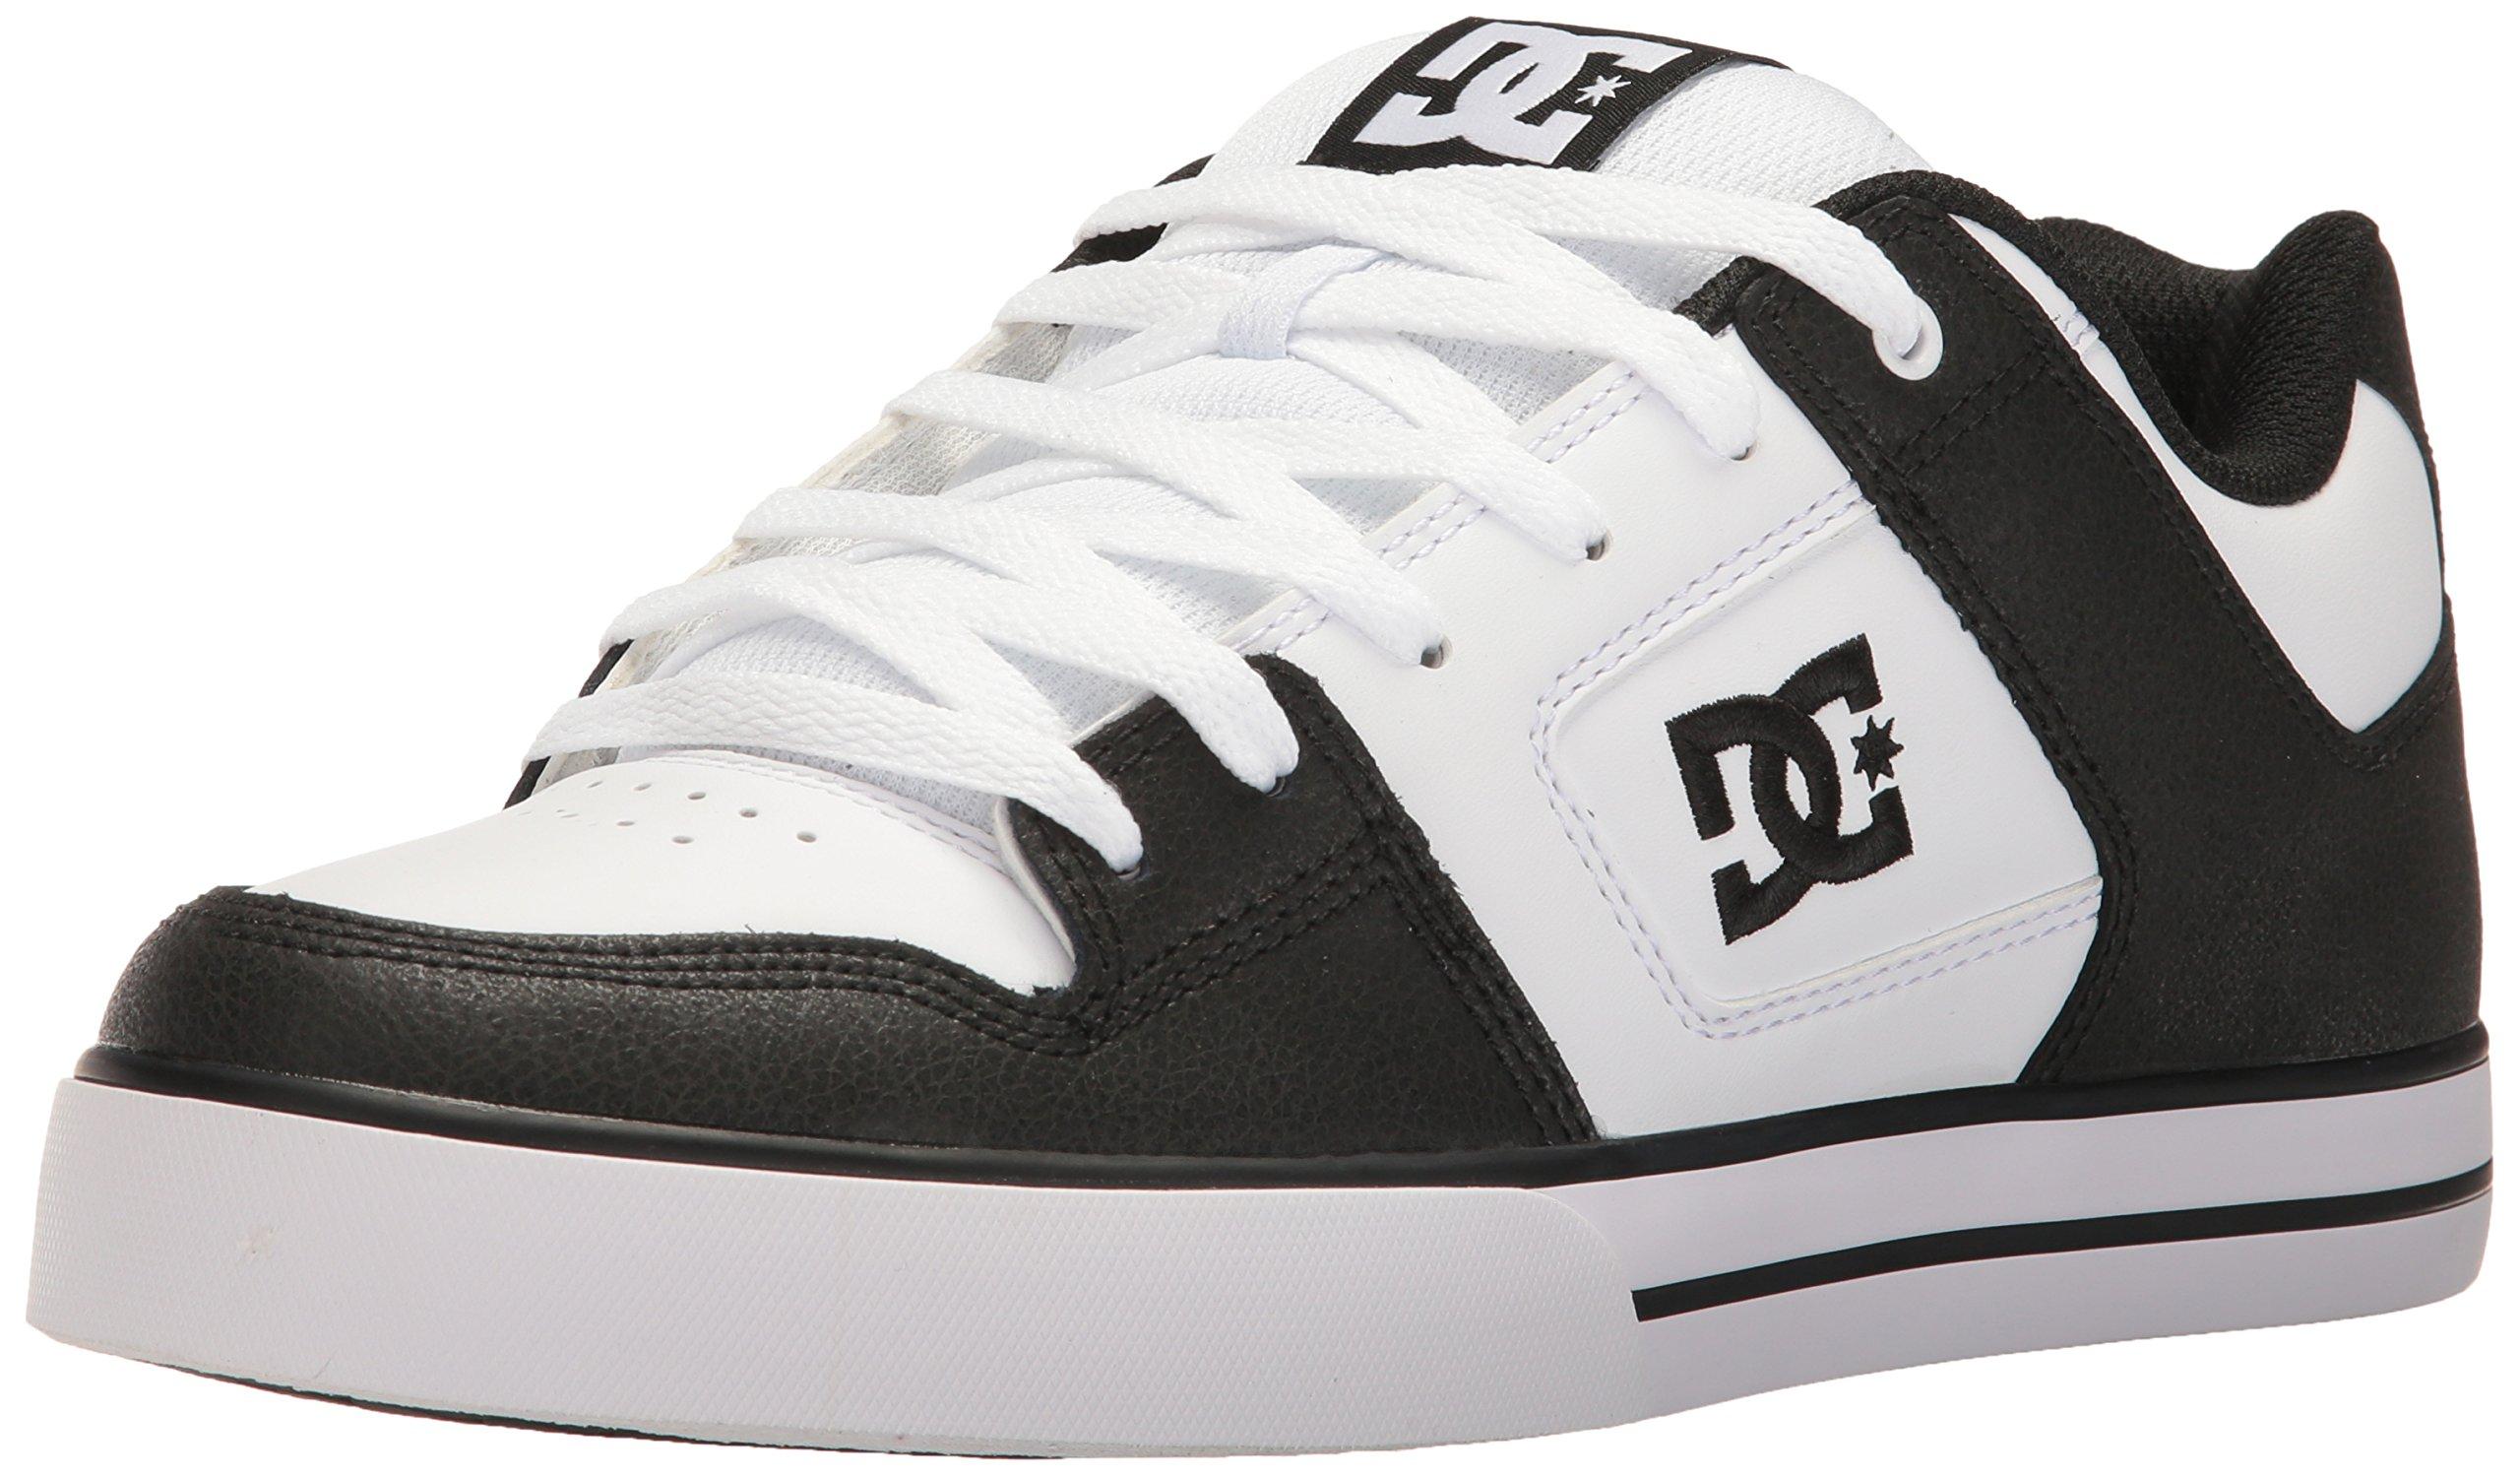 DC Men's Pure Shoes,Black/White/Black,6 D US